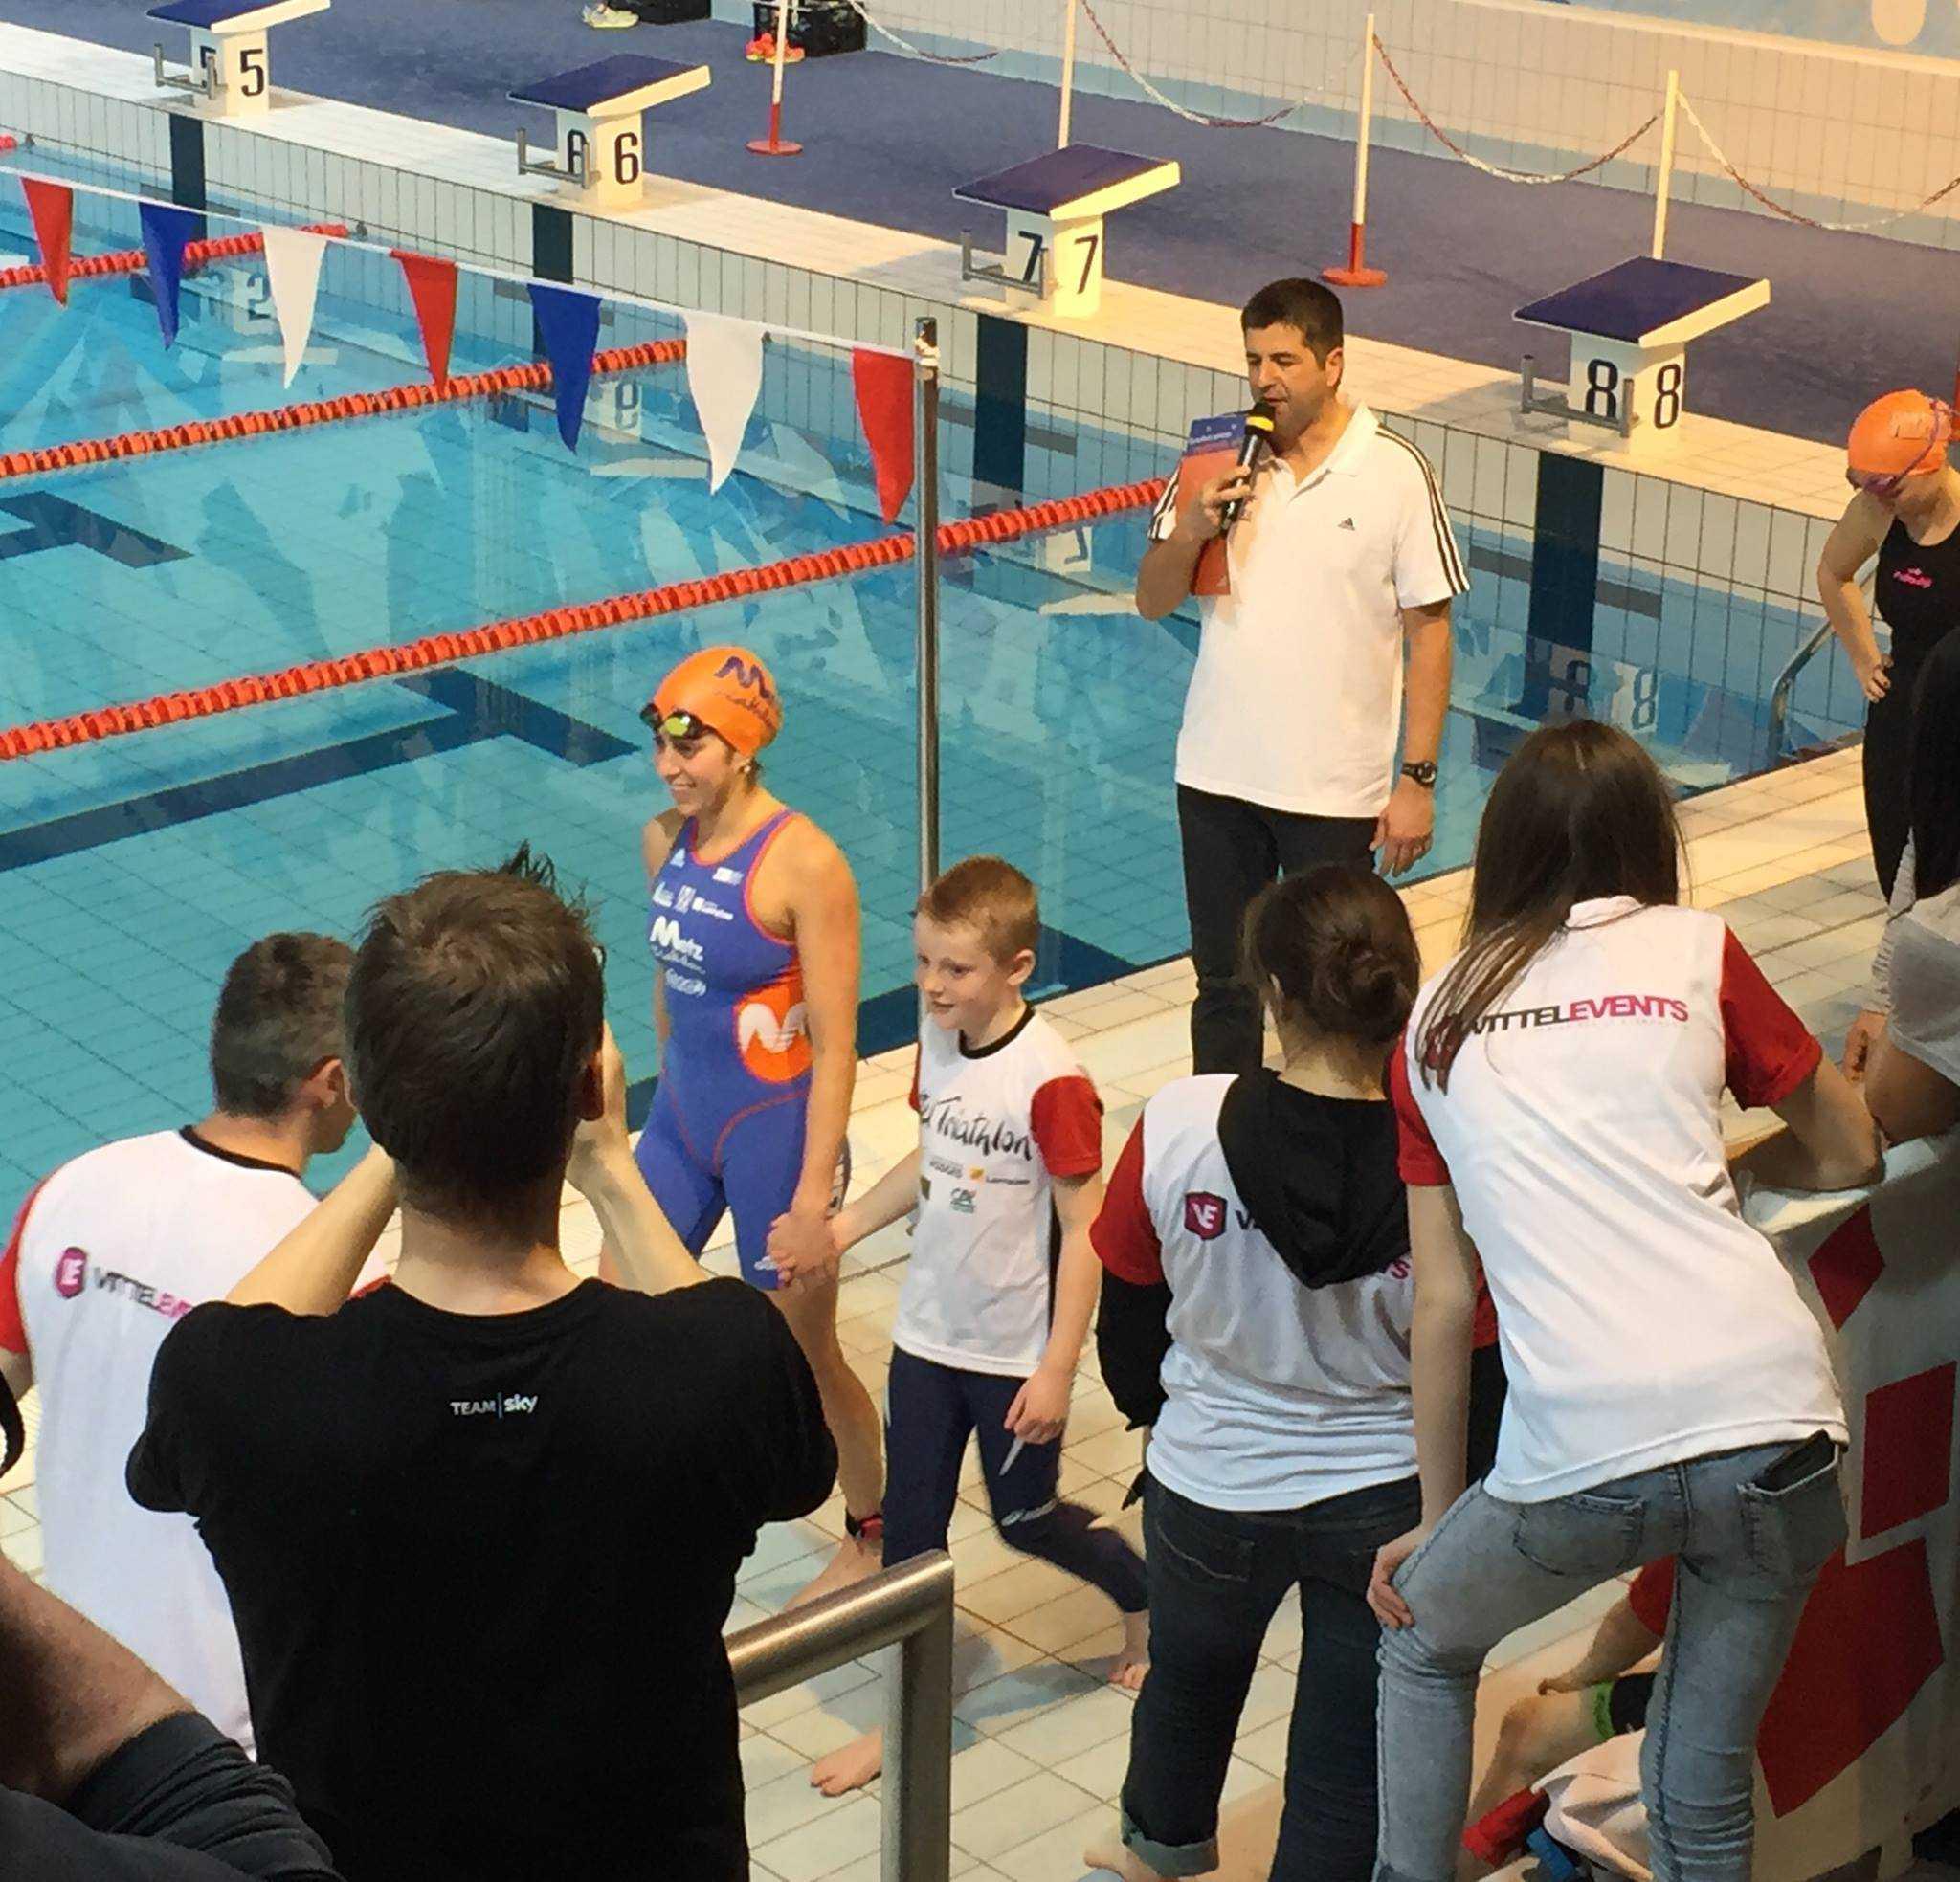 Claire Michel 4de in Aquathlon Vittel